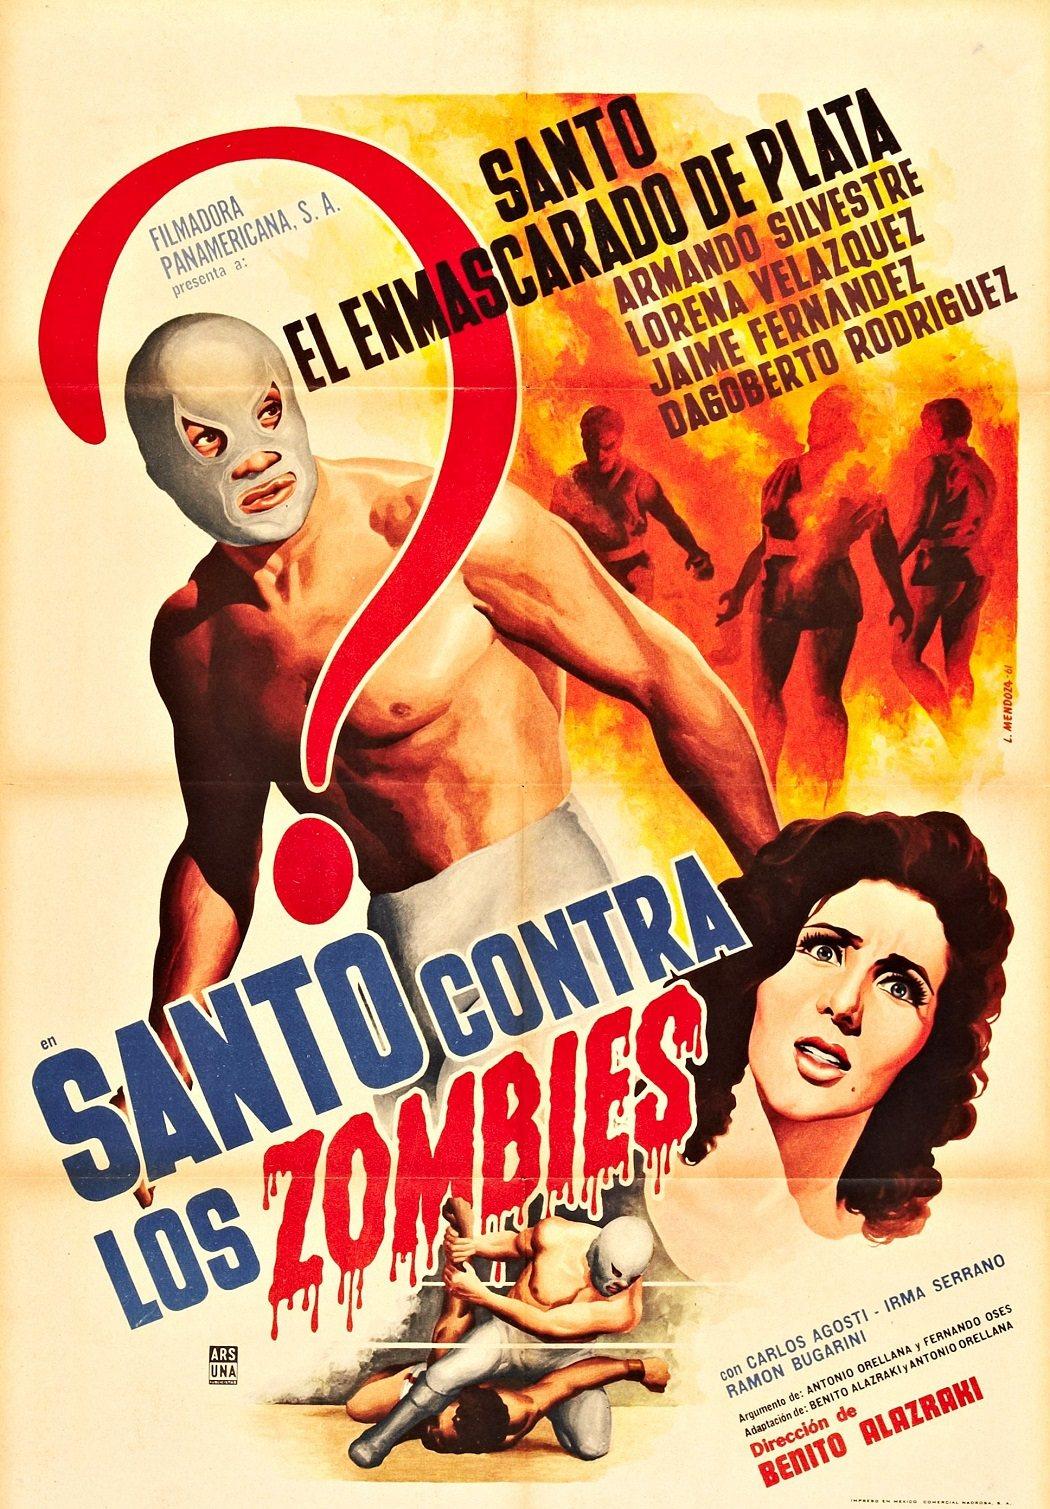 'Santo contra los zombies'